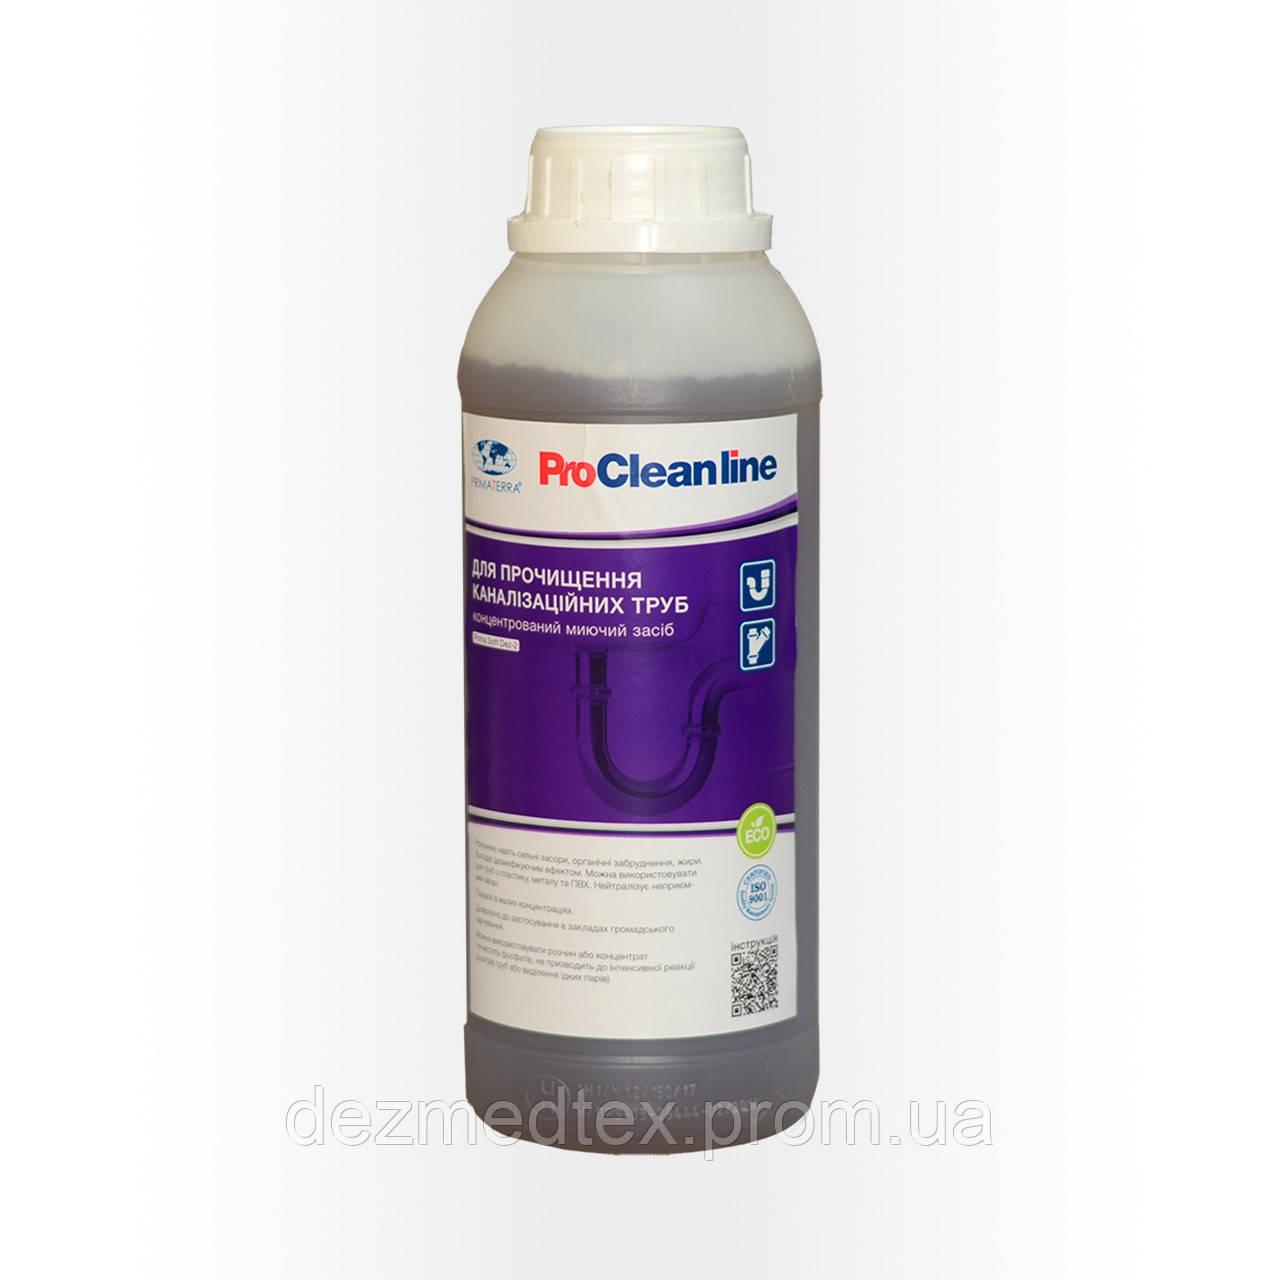 Для прочищення каналізації, концентрат Dez-2 (1,4 кг)